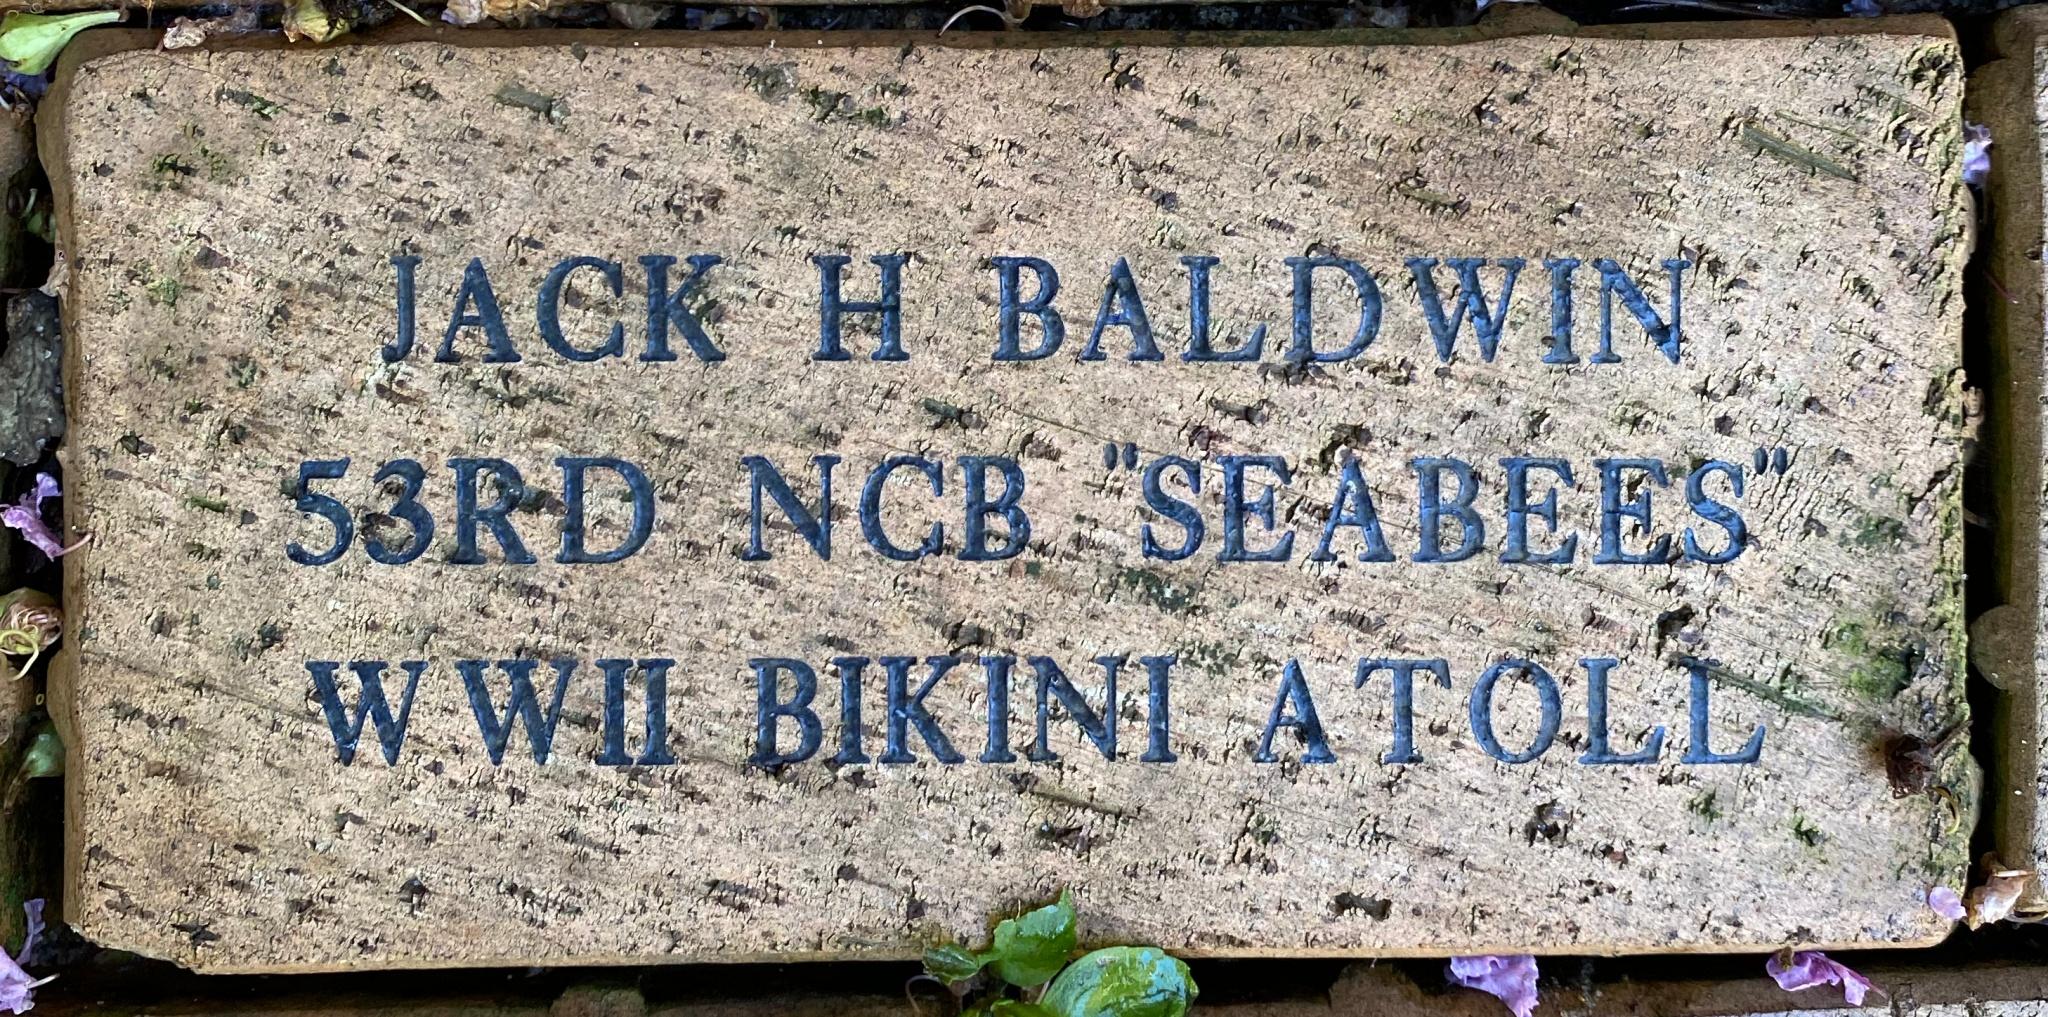 """JACK H BALDWIN 53RD NCB """"""""SEABEES"""""""" WWII BIKINI ATOLL"""